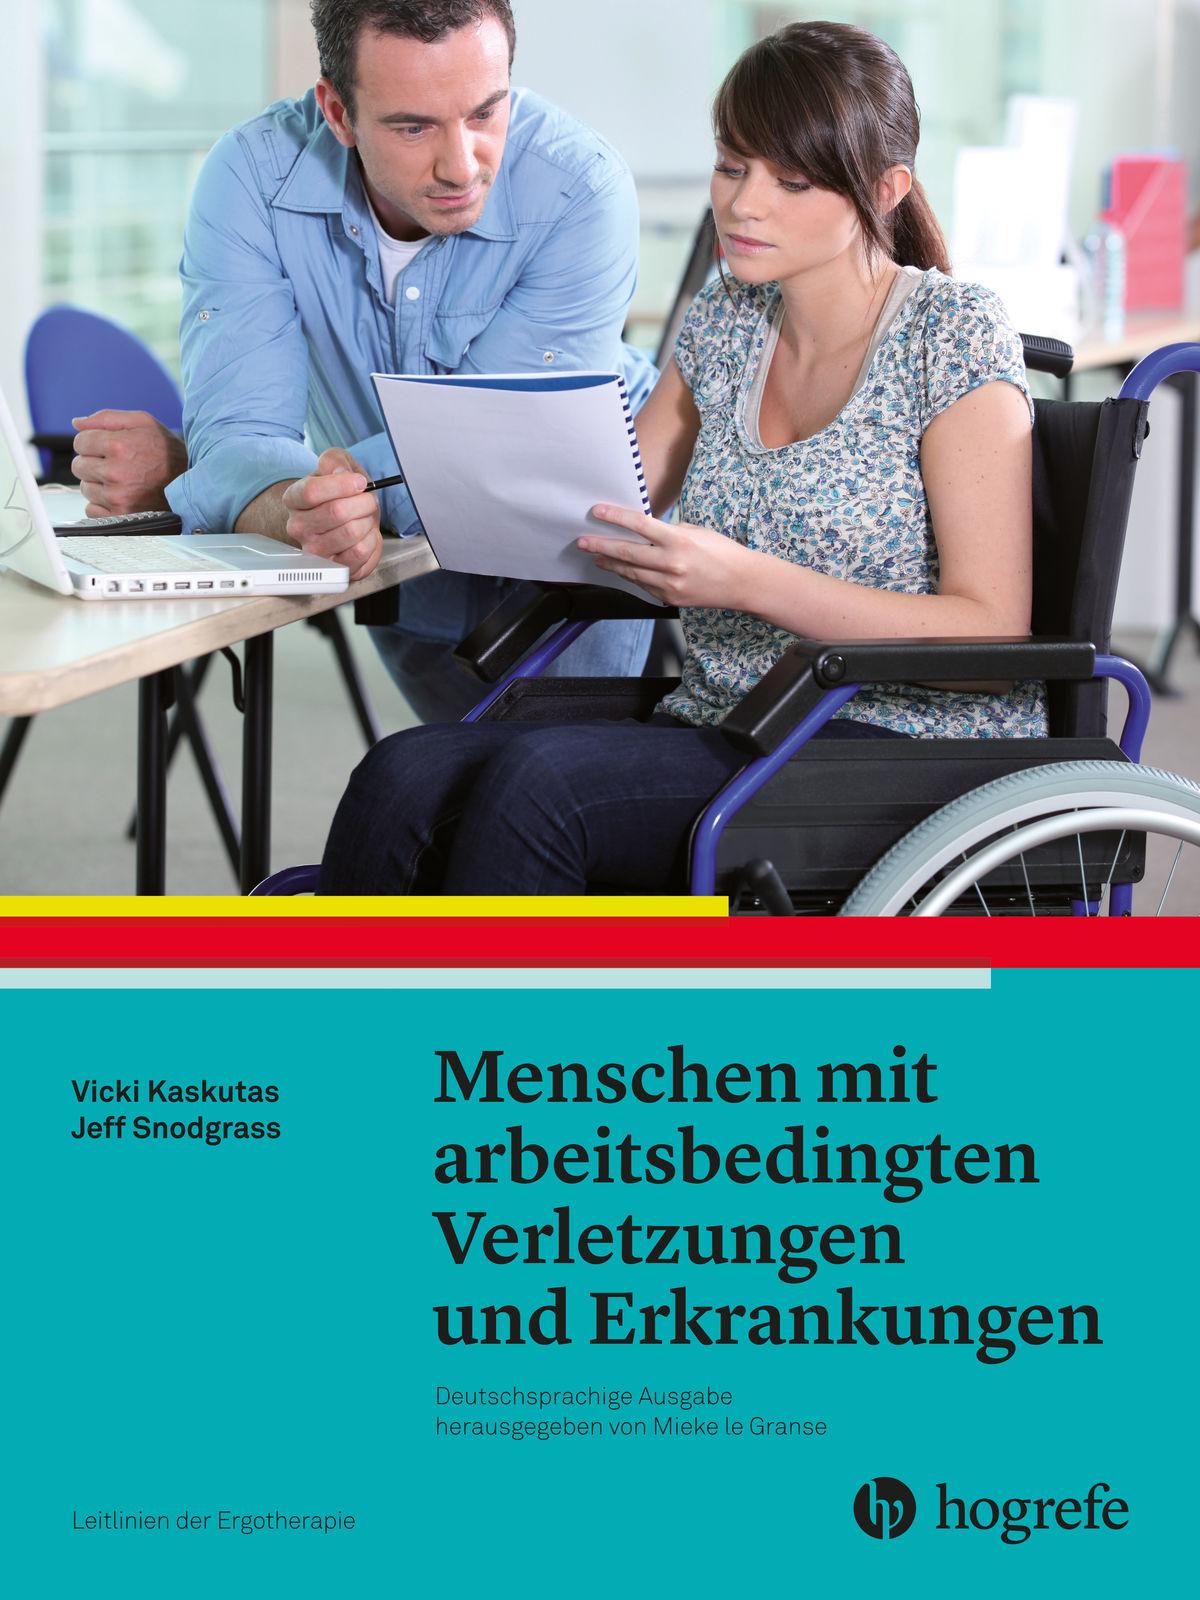 Menschen mit arbeitsbedingten Verletzungen und Erkrankungen